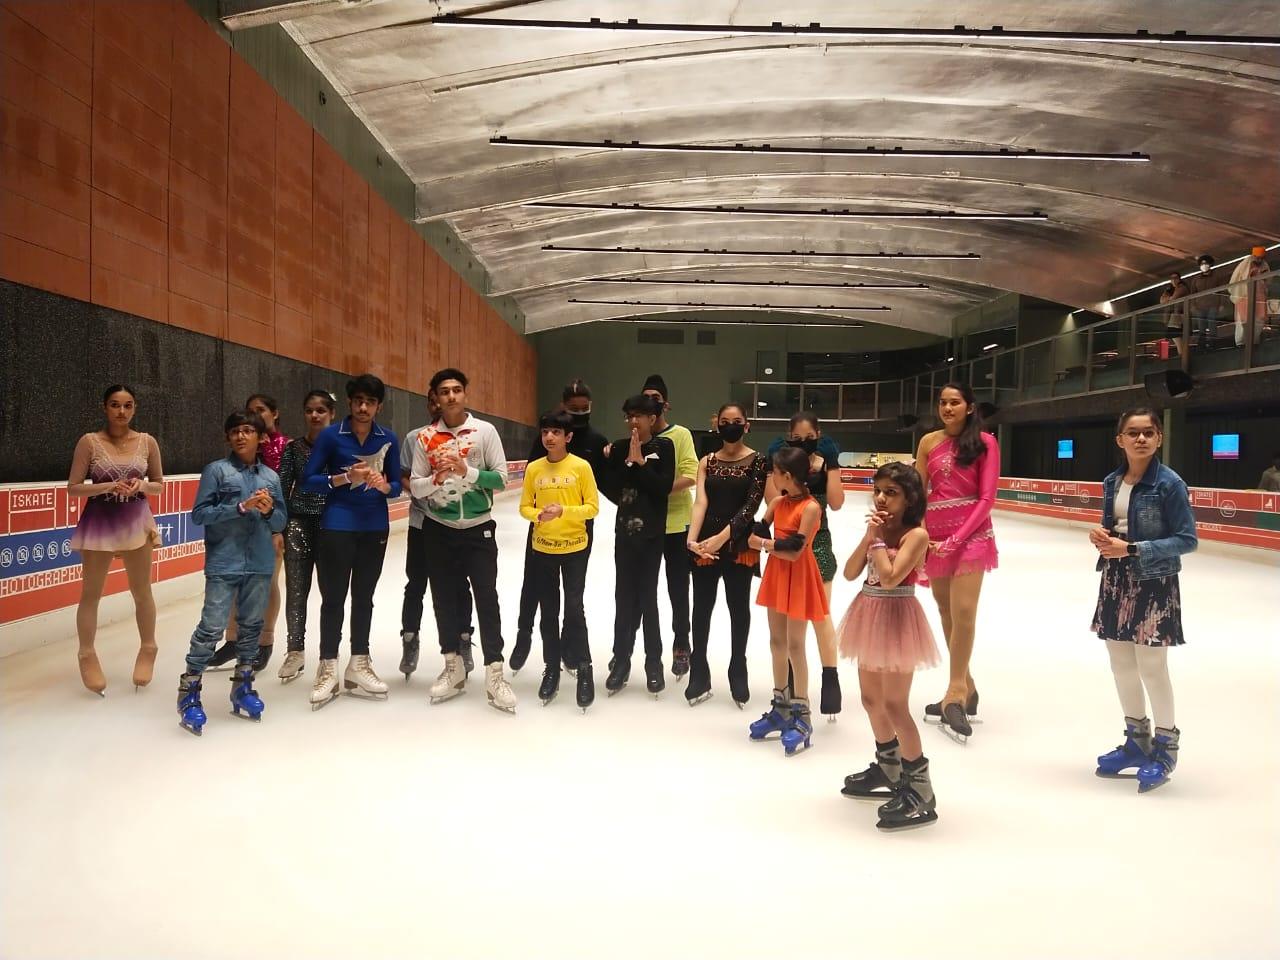 एंबियंस मॉल में खेली गई तीन दिवसीय ओपन नेशनल फिगर स्केटिंग चैम्पियनशिप-2021 - Dainik Bhaskar